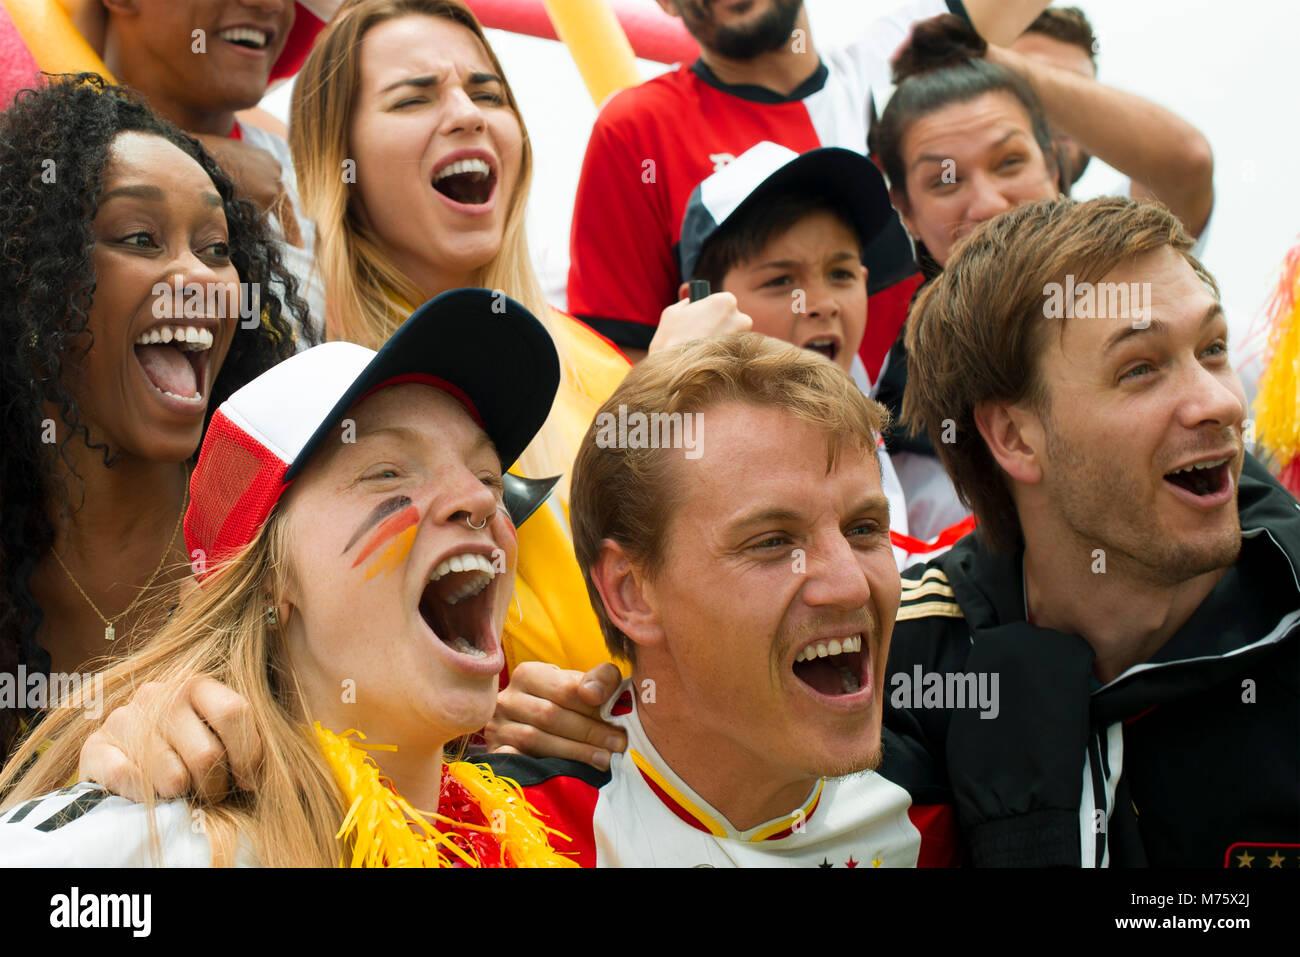 Deutsche Fußball-Fans im Match Stockbild